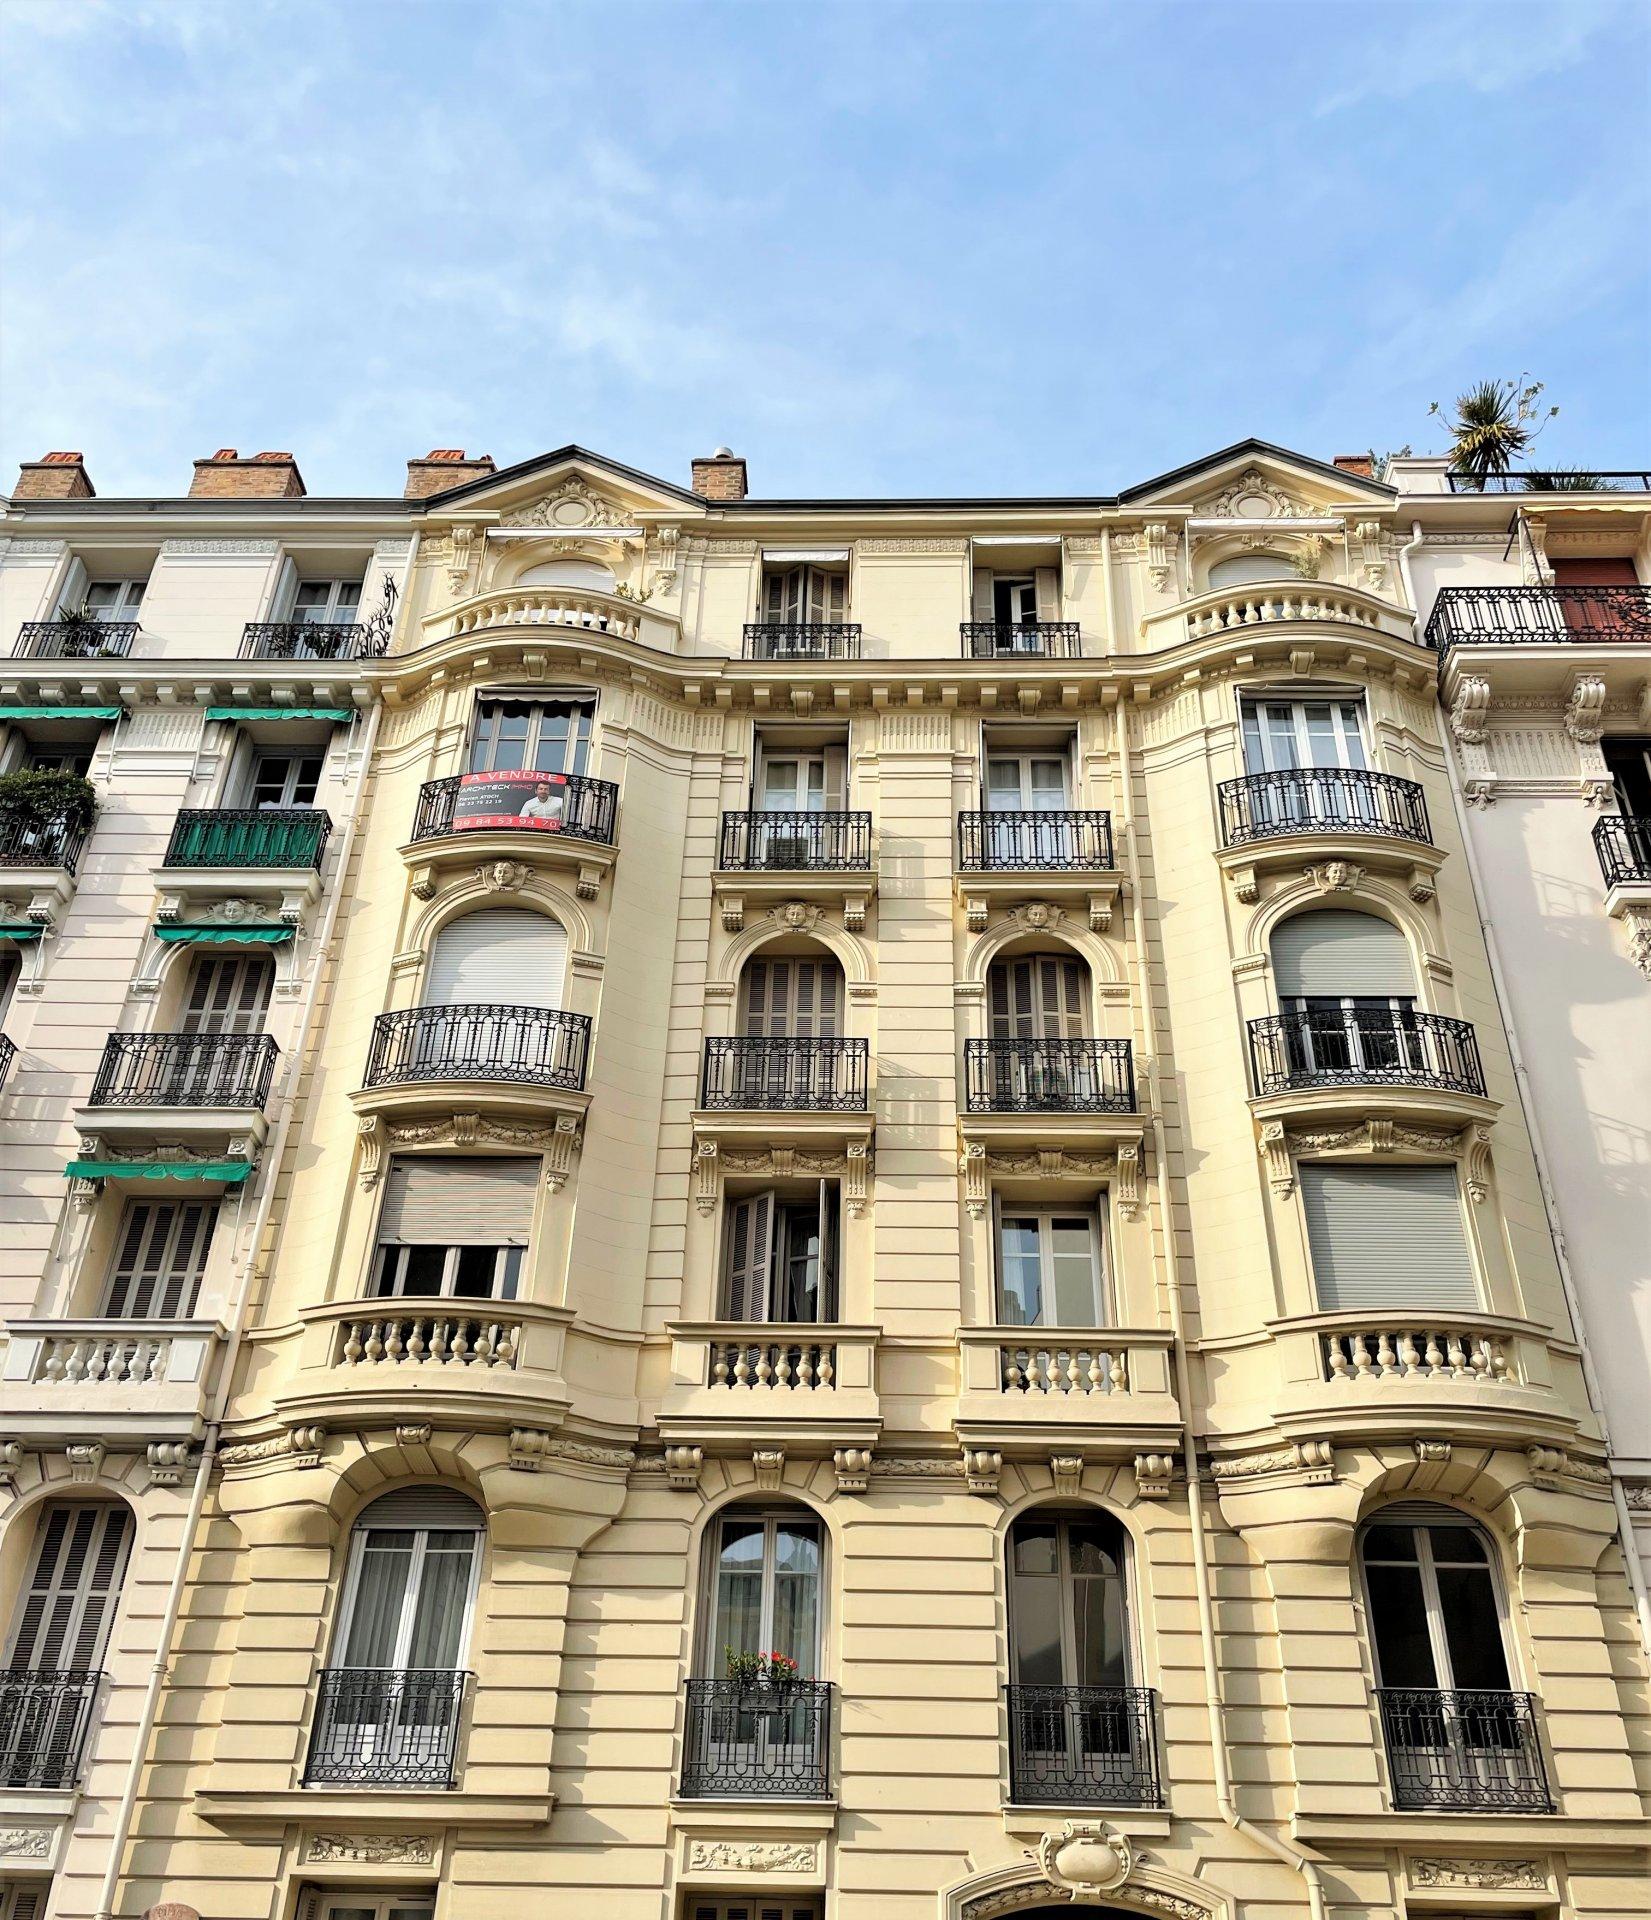 Verkoop Appartement - Nice Musiciens